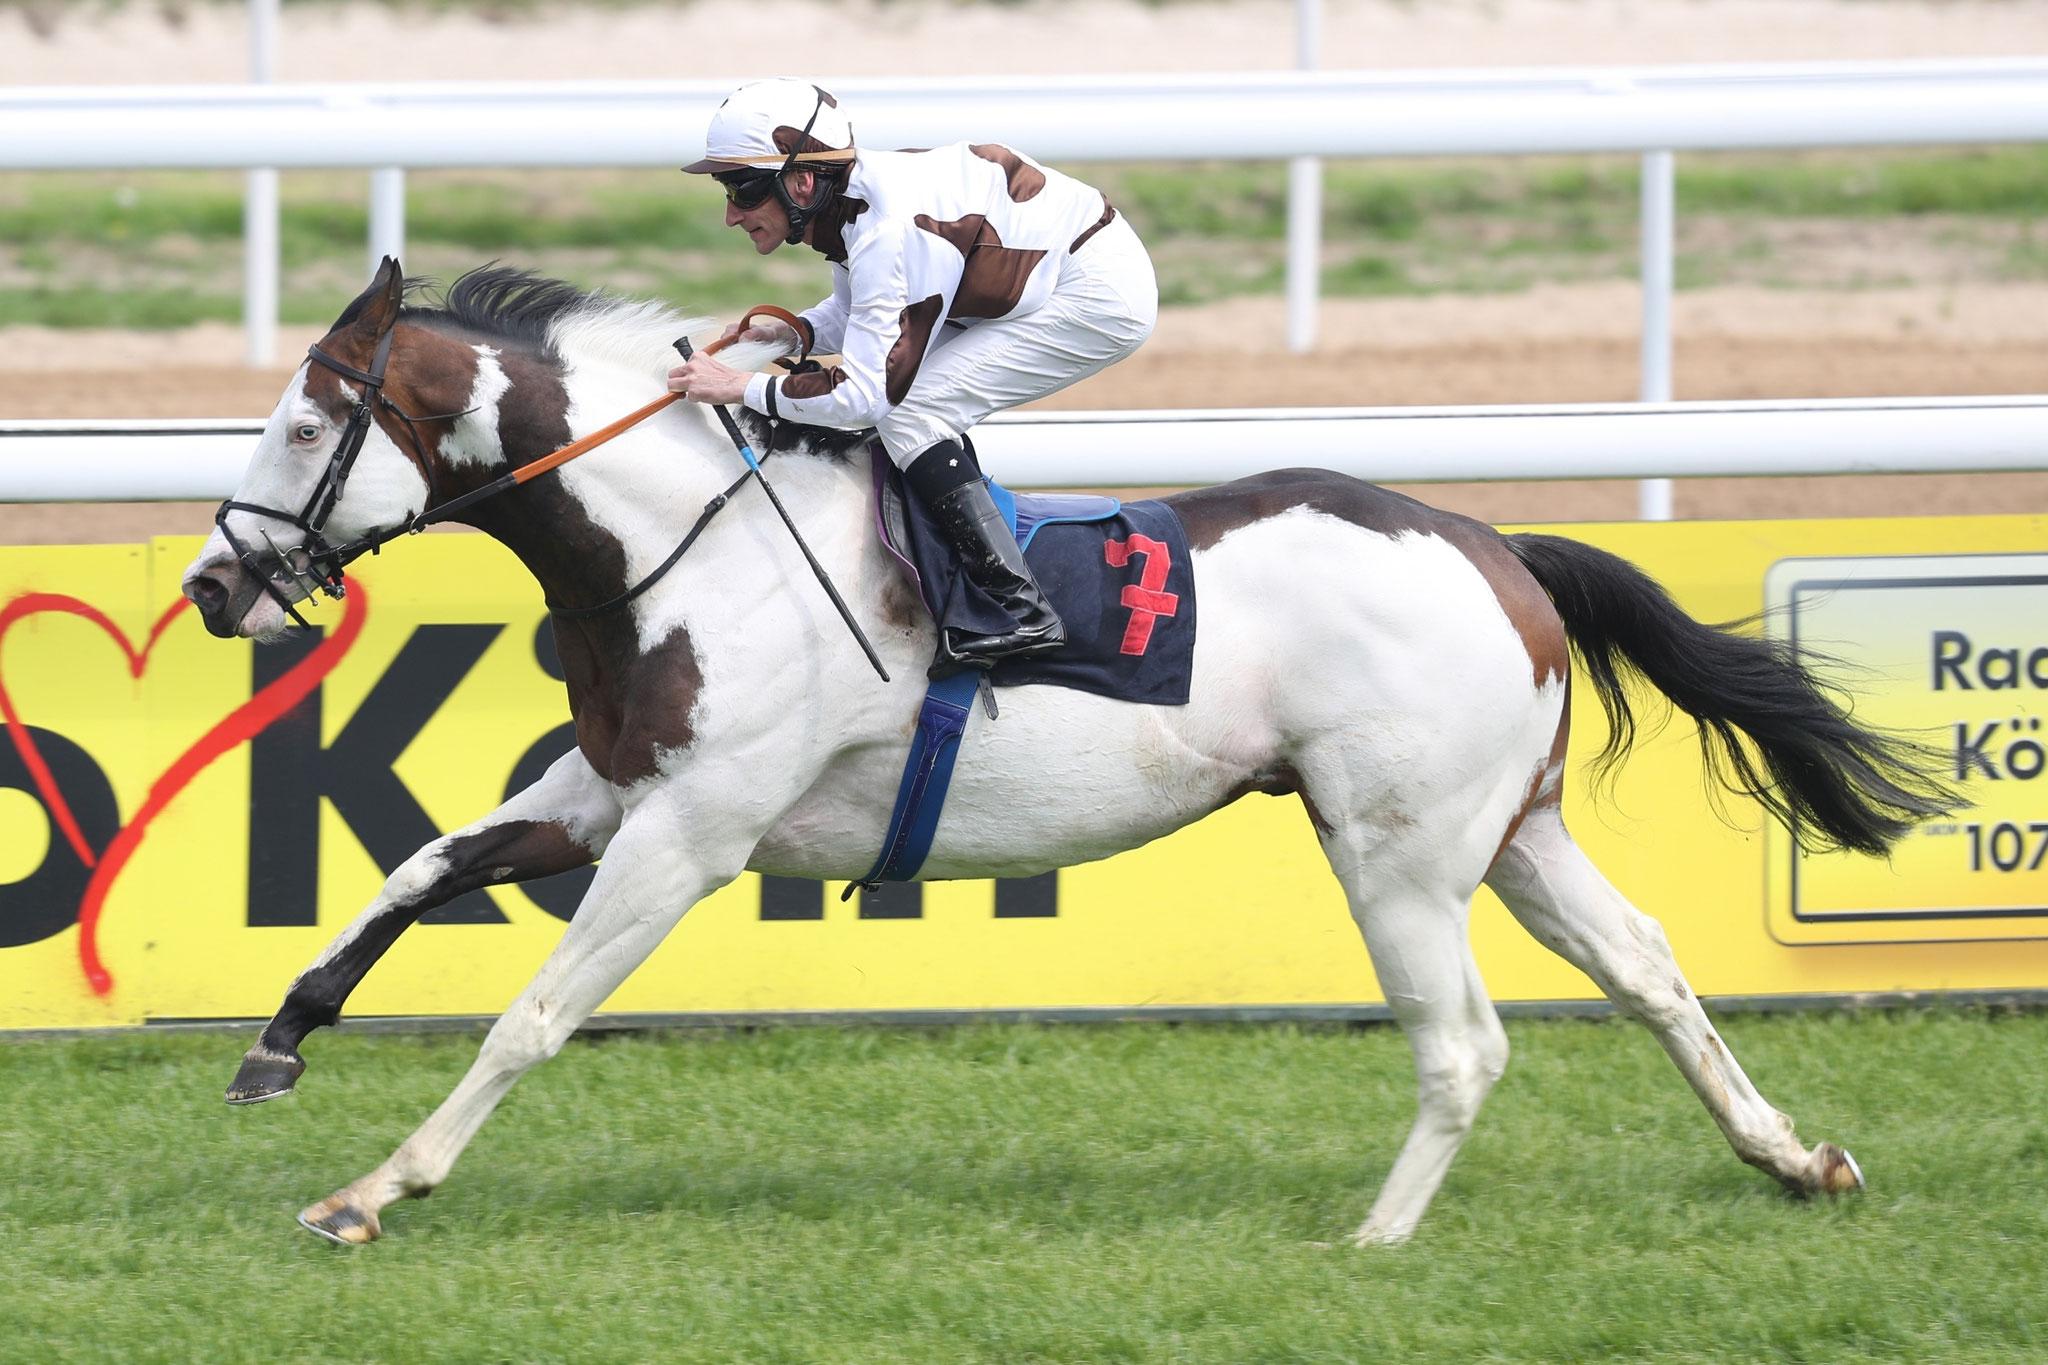 Wie cool ist das denn: Ein Schecke als Rennpferd, und der Jockey im Partnerlook. Mehr über den neuen Vererber in Marbach HIER